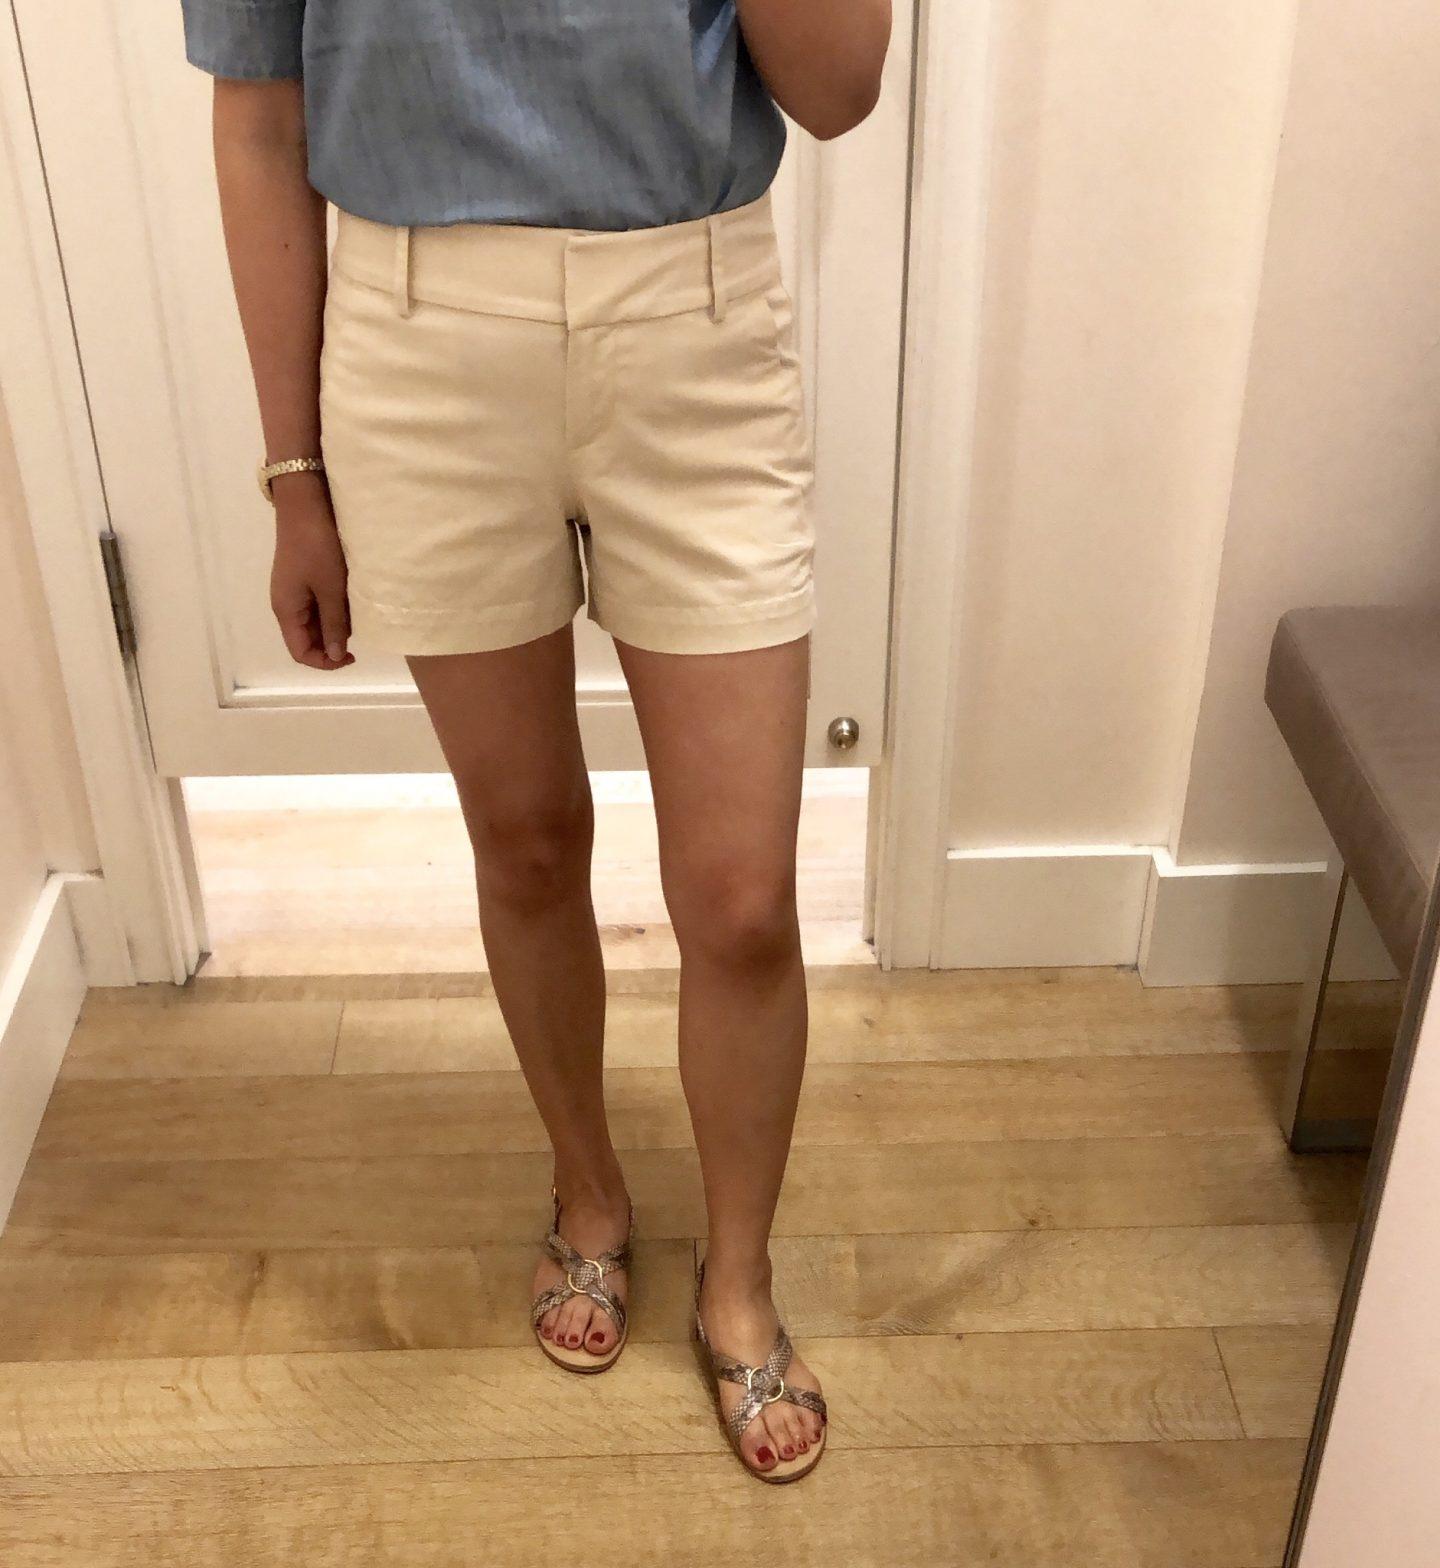 LOFT Riviera Shorts with 4 Inch Inseam, size 24/00 regular